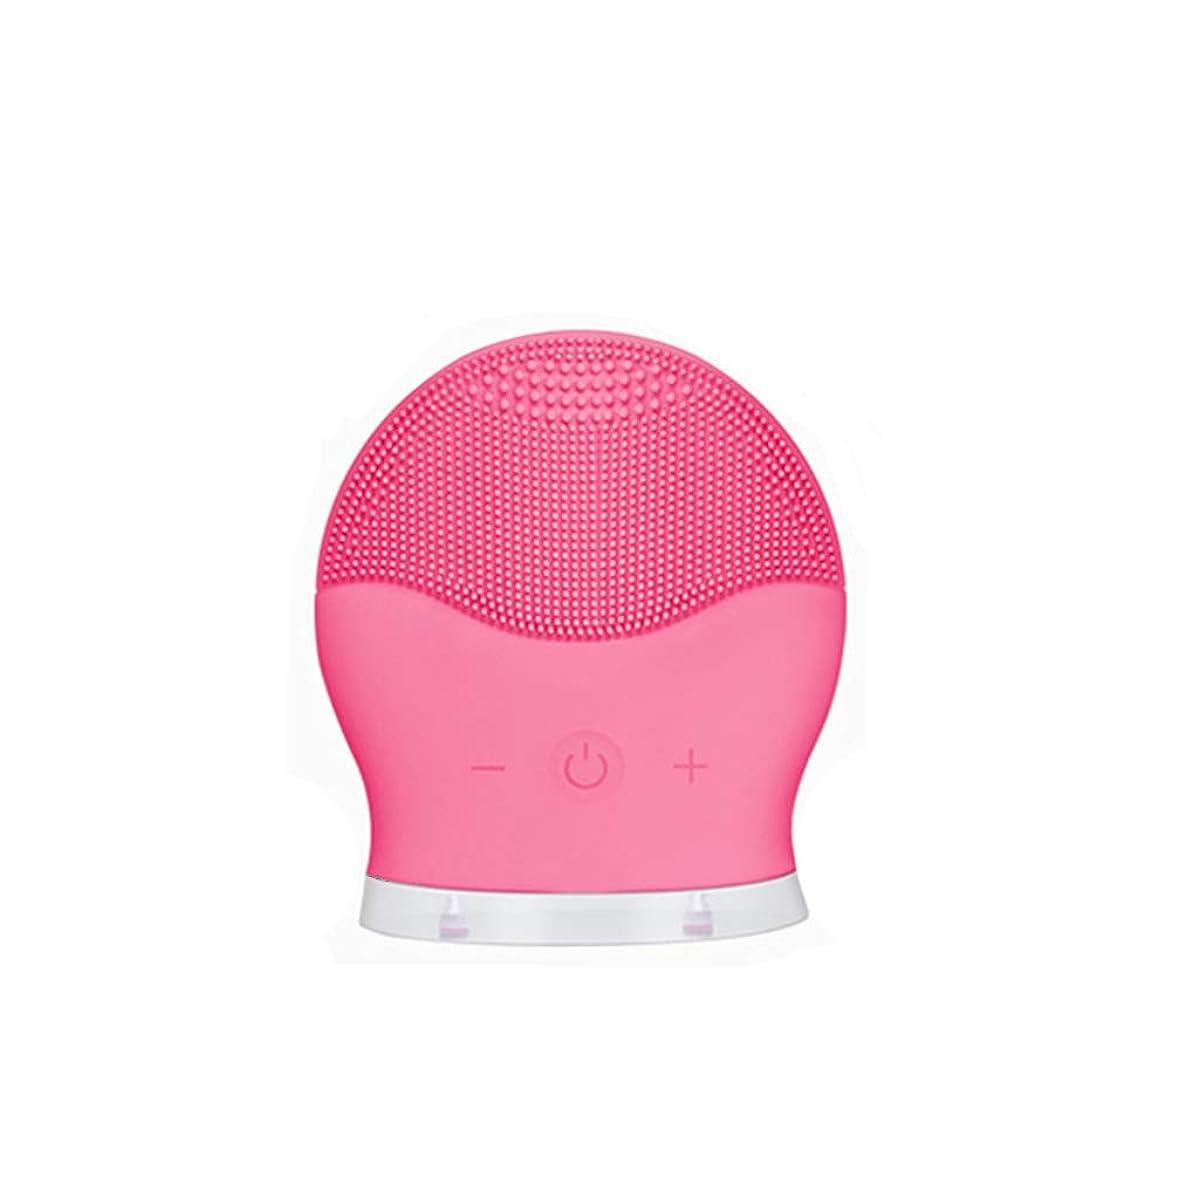 クライマックスより良いマガジンポータブル超音波振動シリコーンクレンジング機器、アンチエイジング顔マッサージ、毛穴を減らすために、皮膚を改善する剥離,Rosered